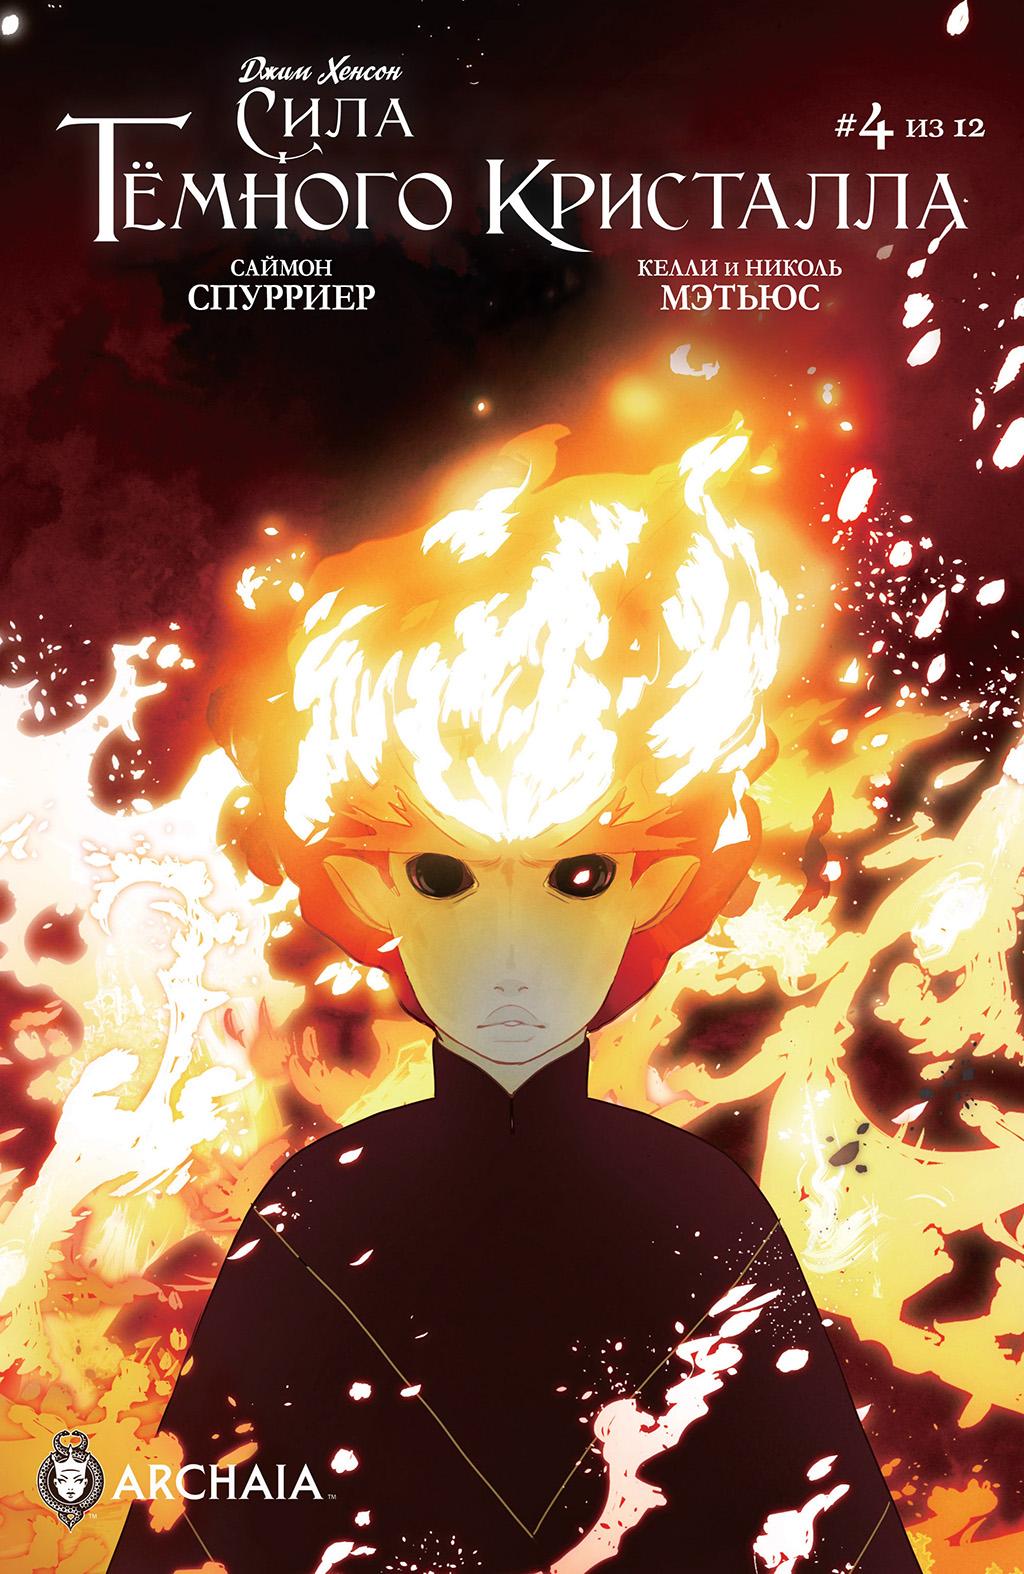 Комикс Сила Тёмного кристалла